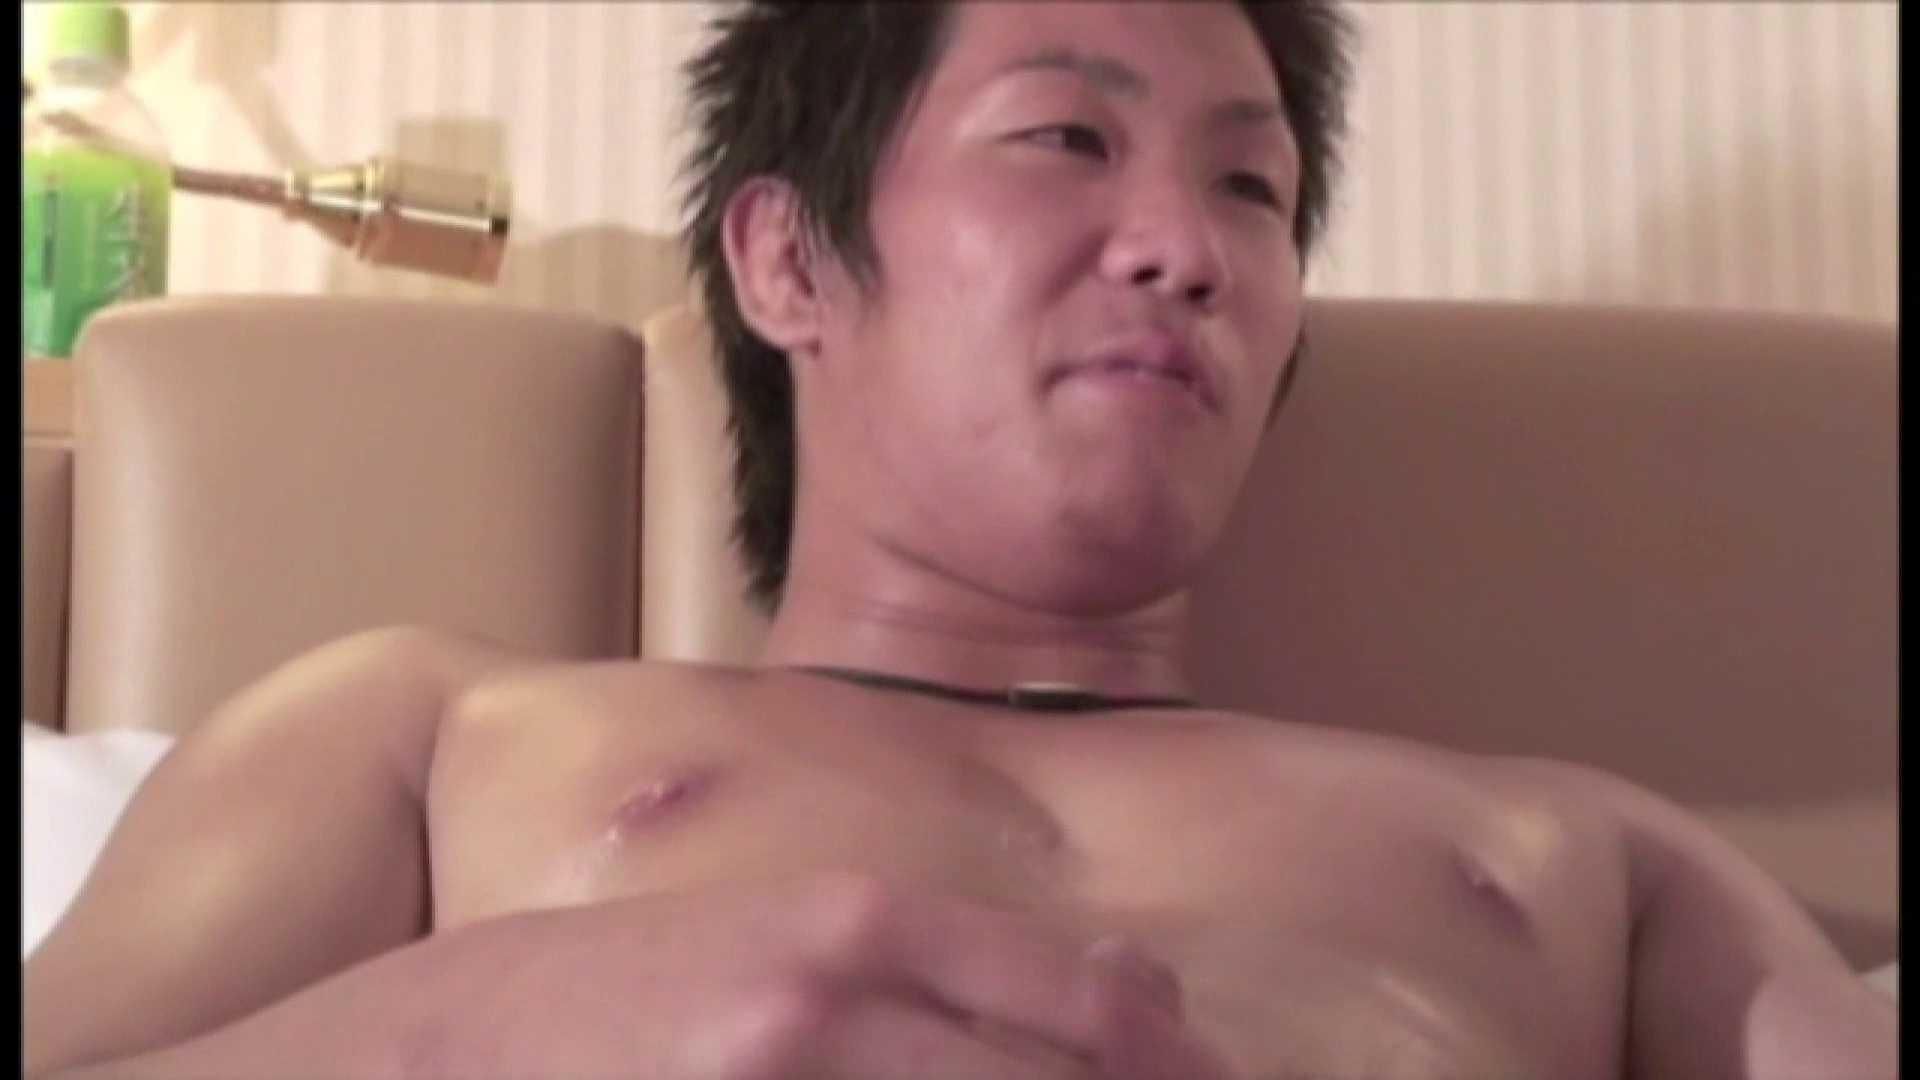 ノンケイケメンの欲望と肉棒 Vol.25 エロ  90pic 34